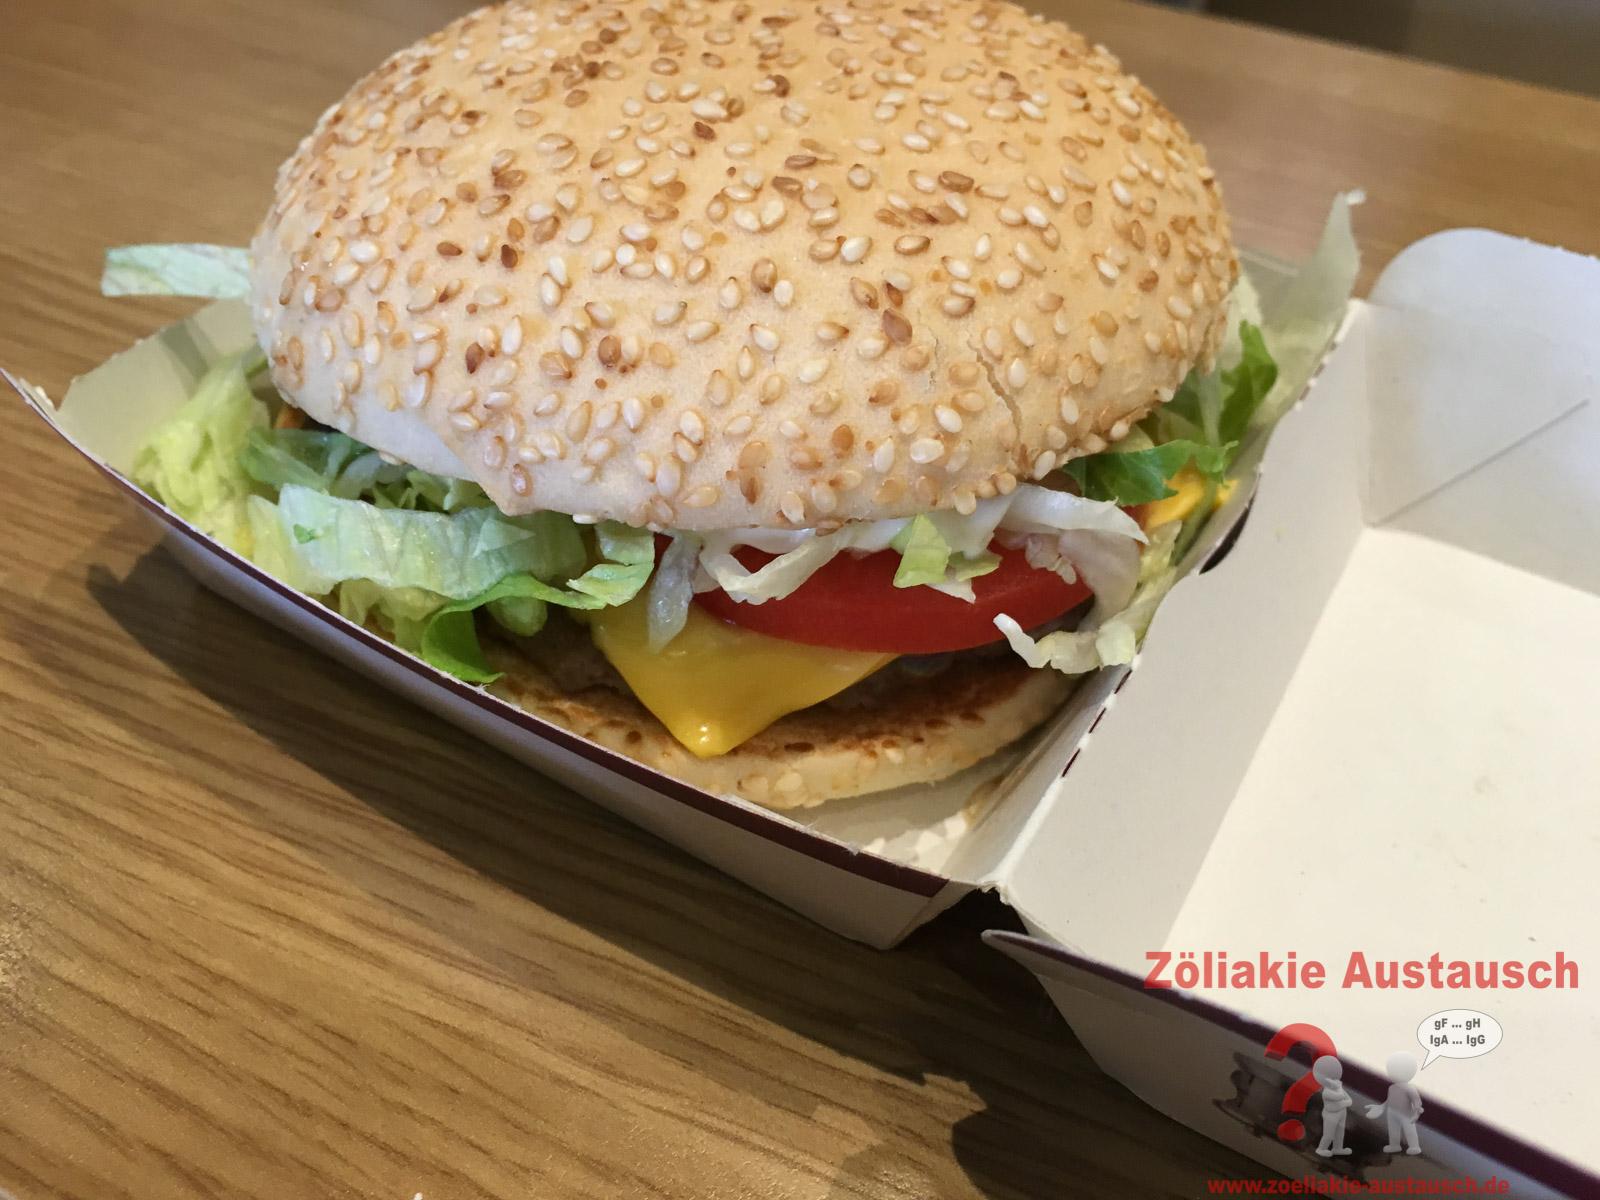 Glutenfreie Burger bei Mc Donalds in Österreich